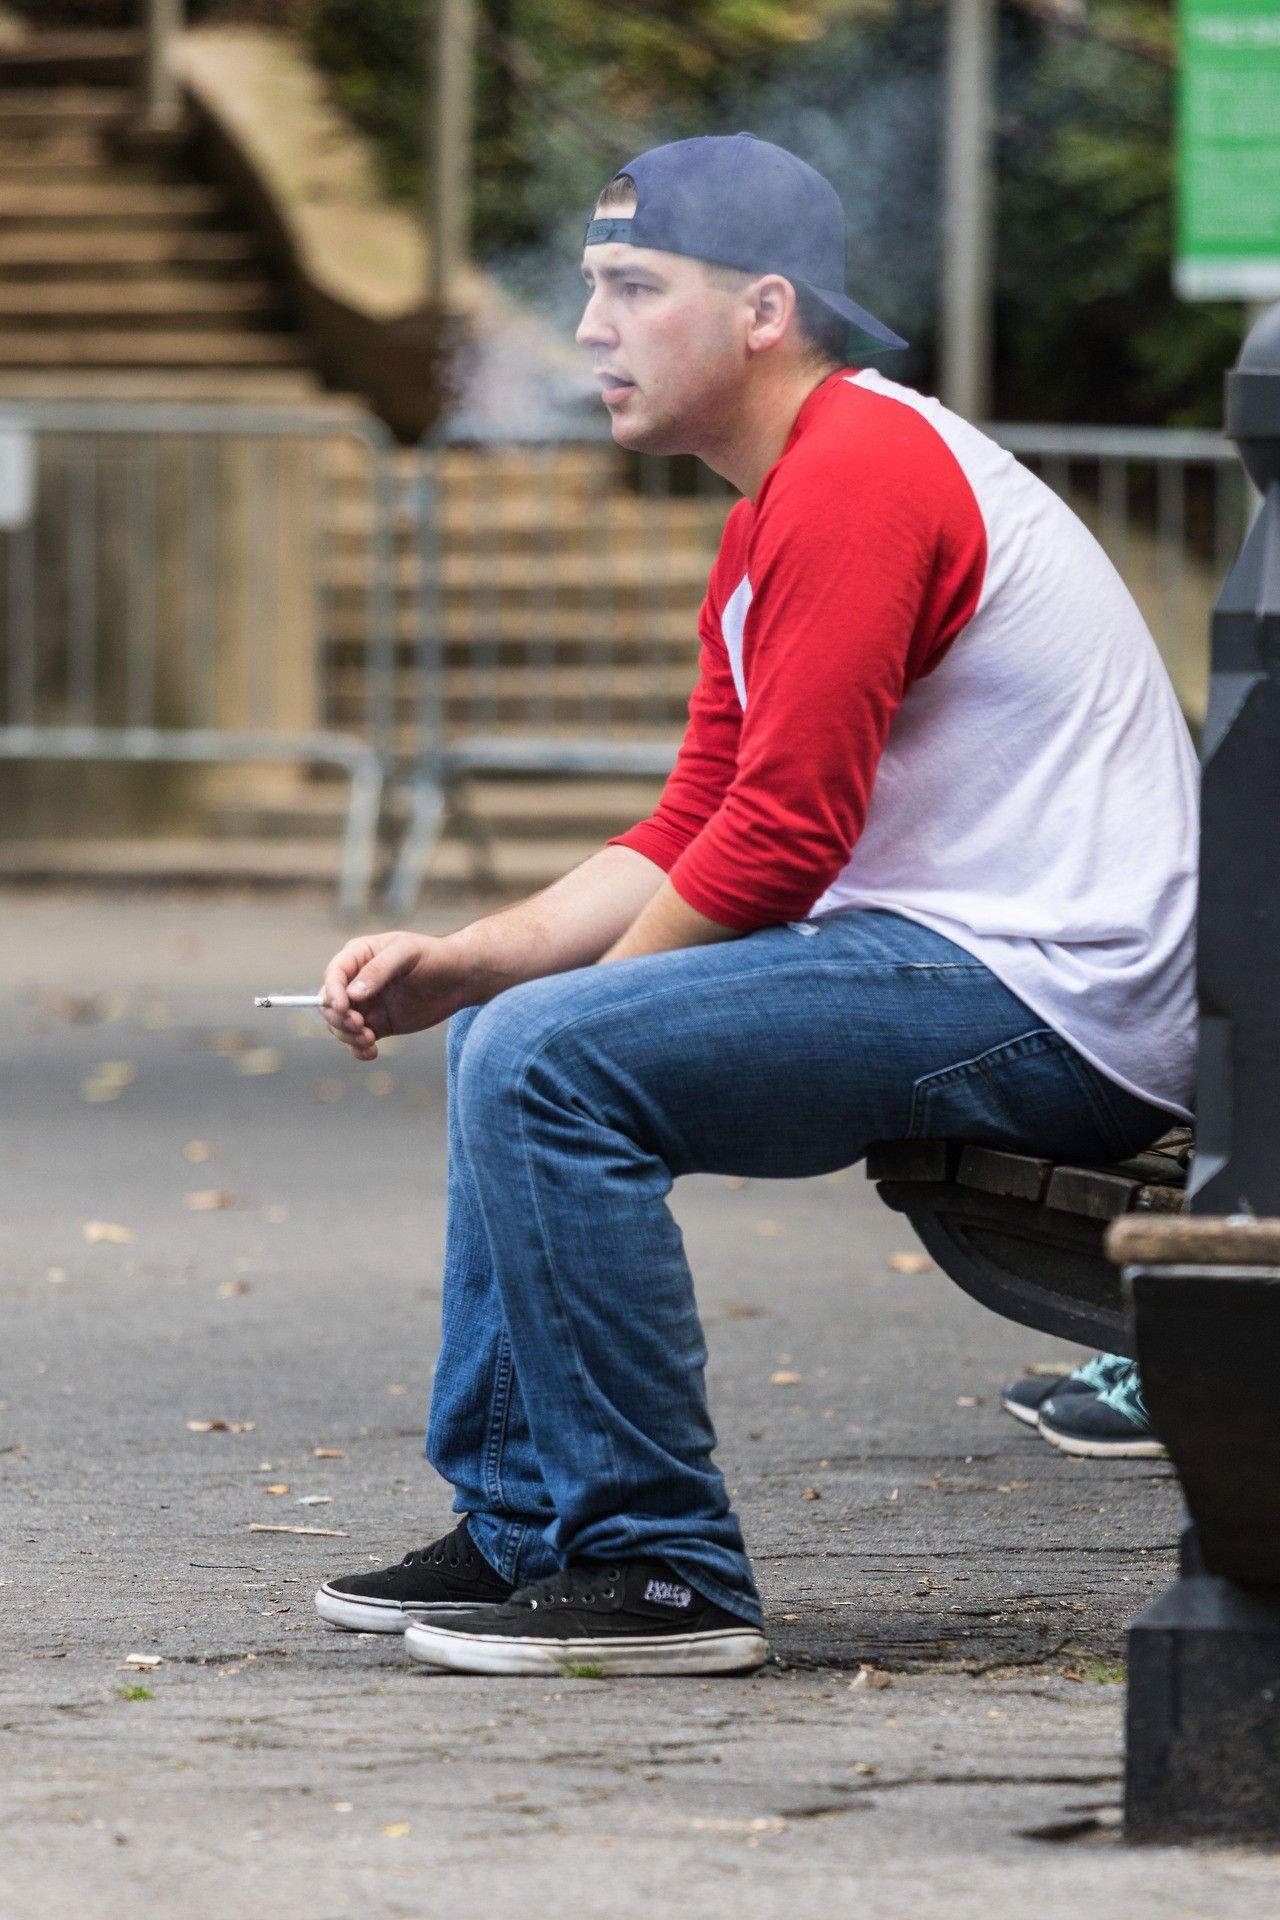 Messy frat man smoking